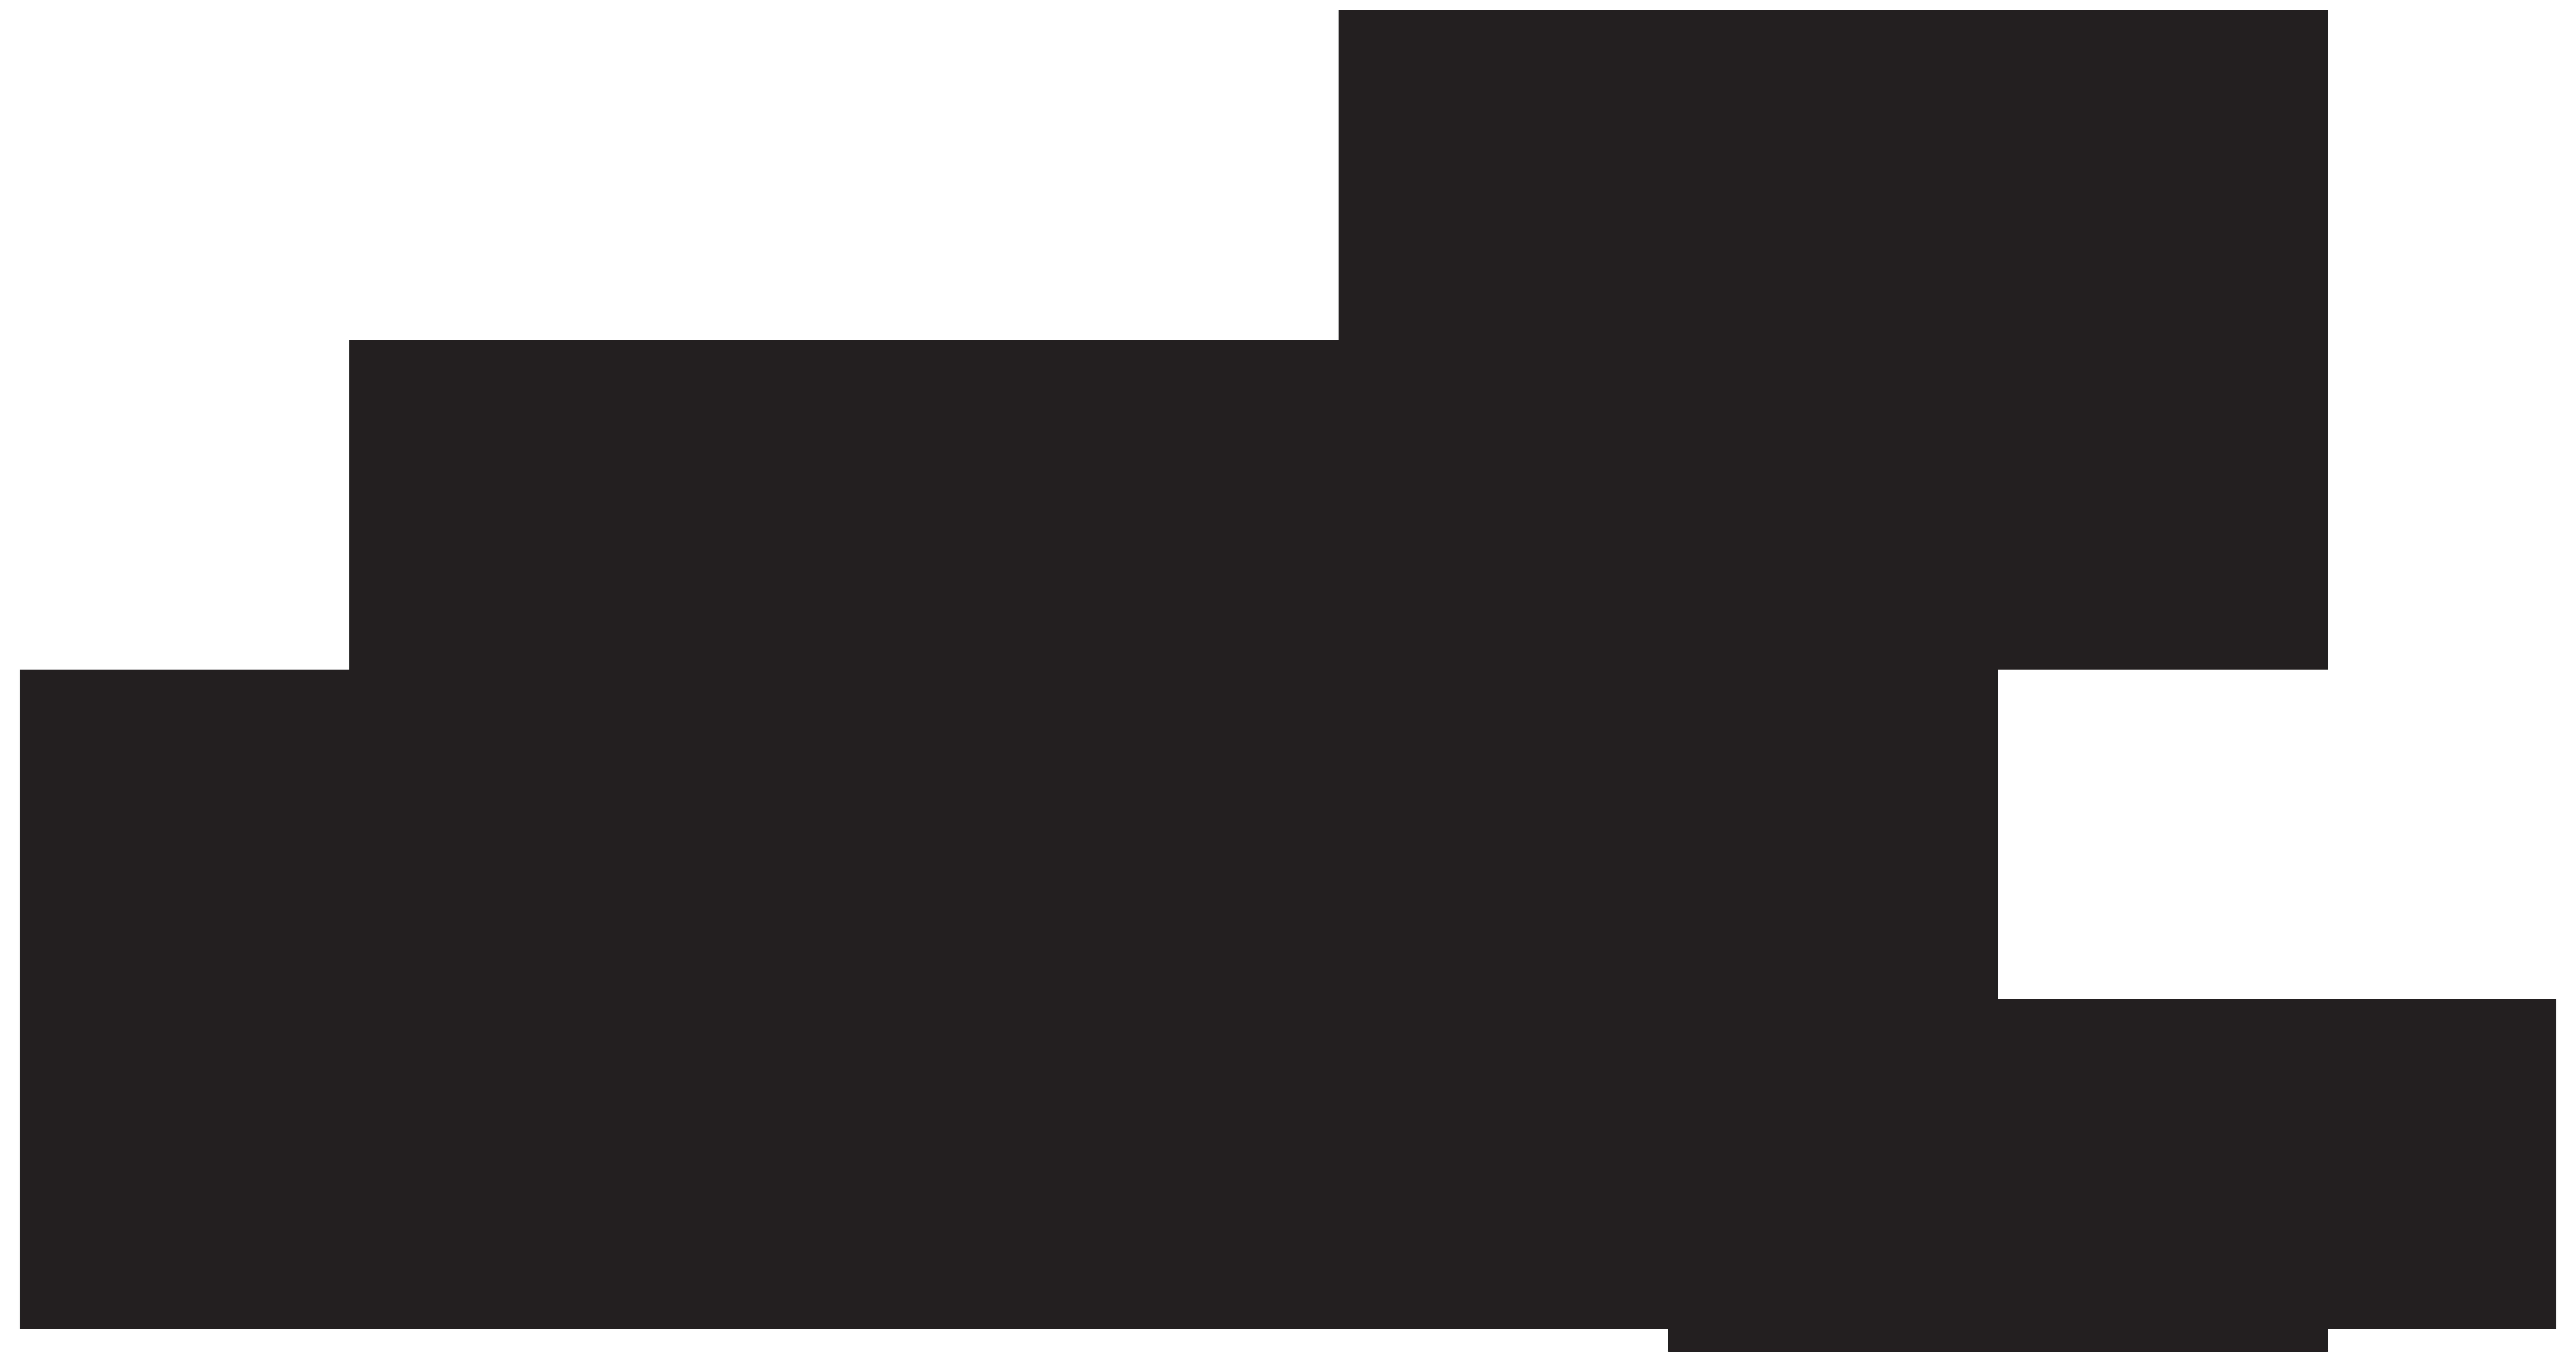 Piano clipart silhouette. Nativity scene png clip